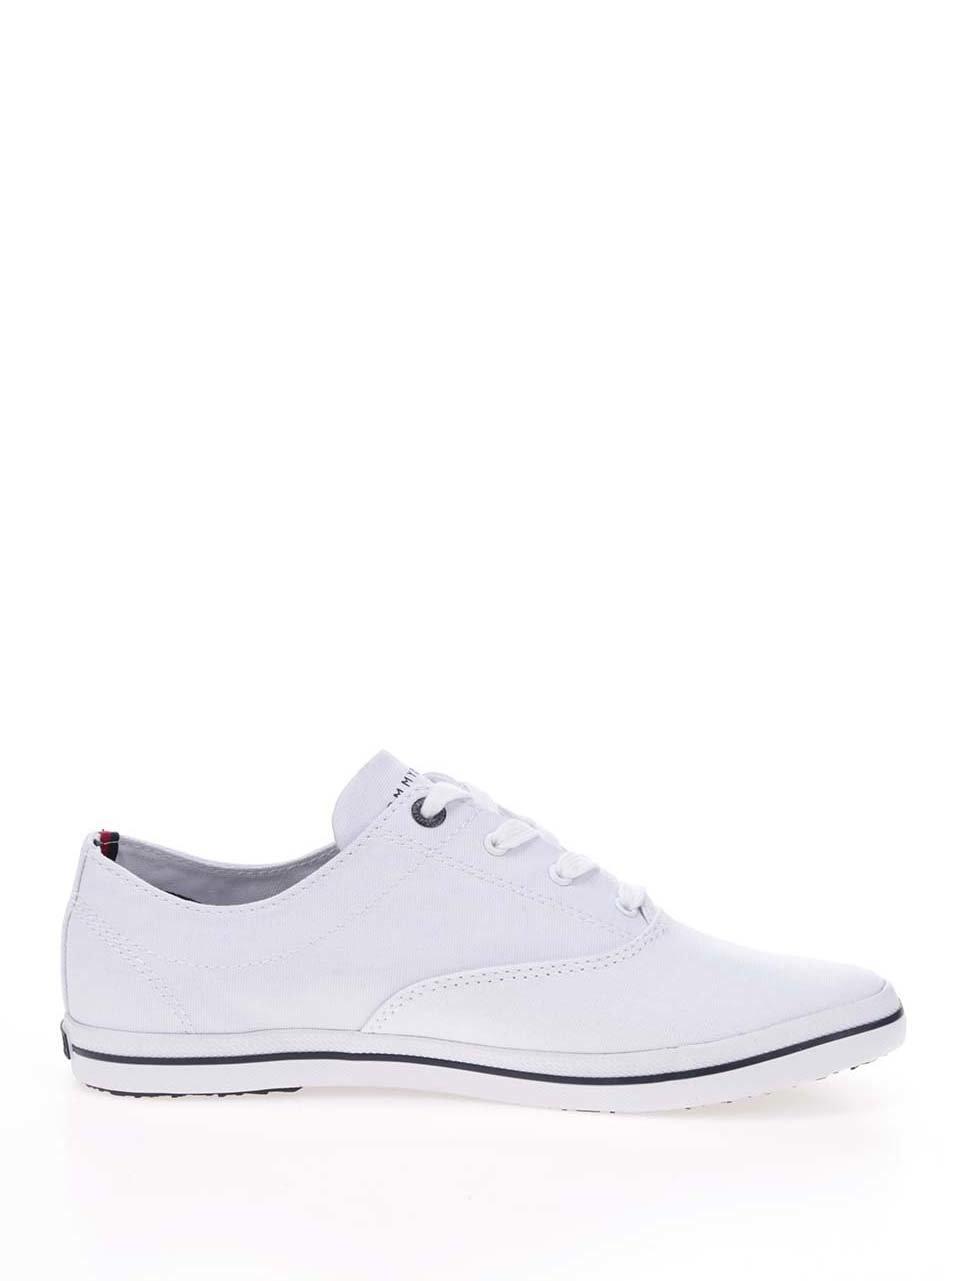 Biele dámske tenisky Tommy Hilfiger ... 42075ad53a3